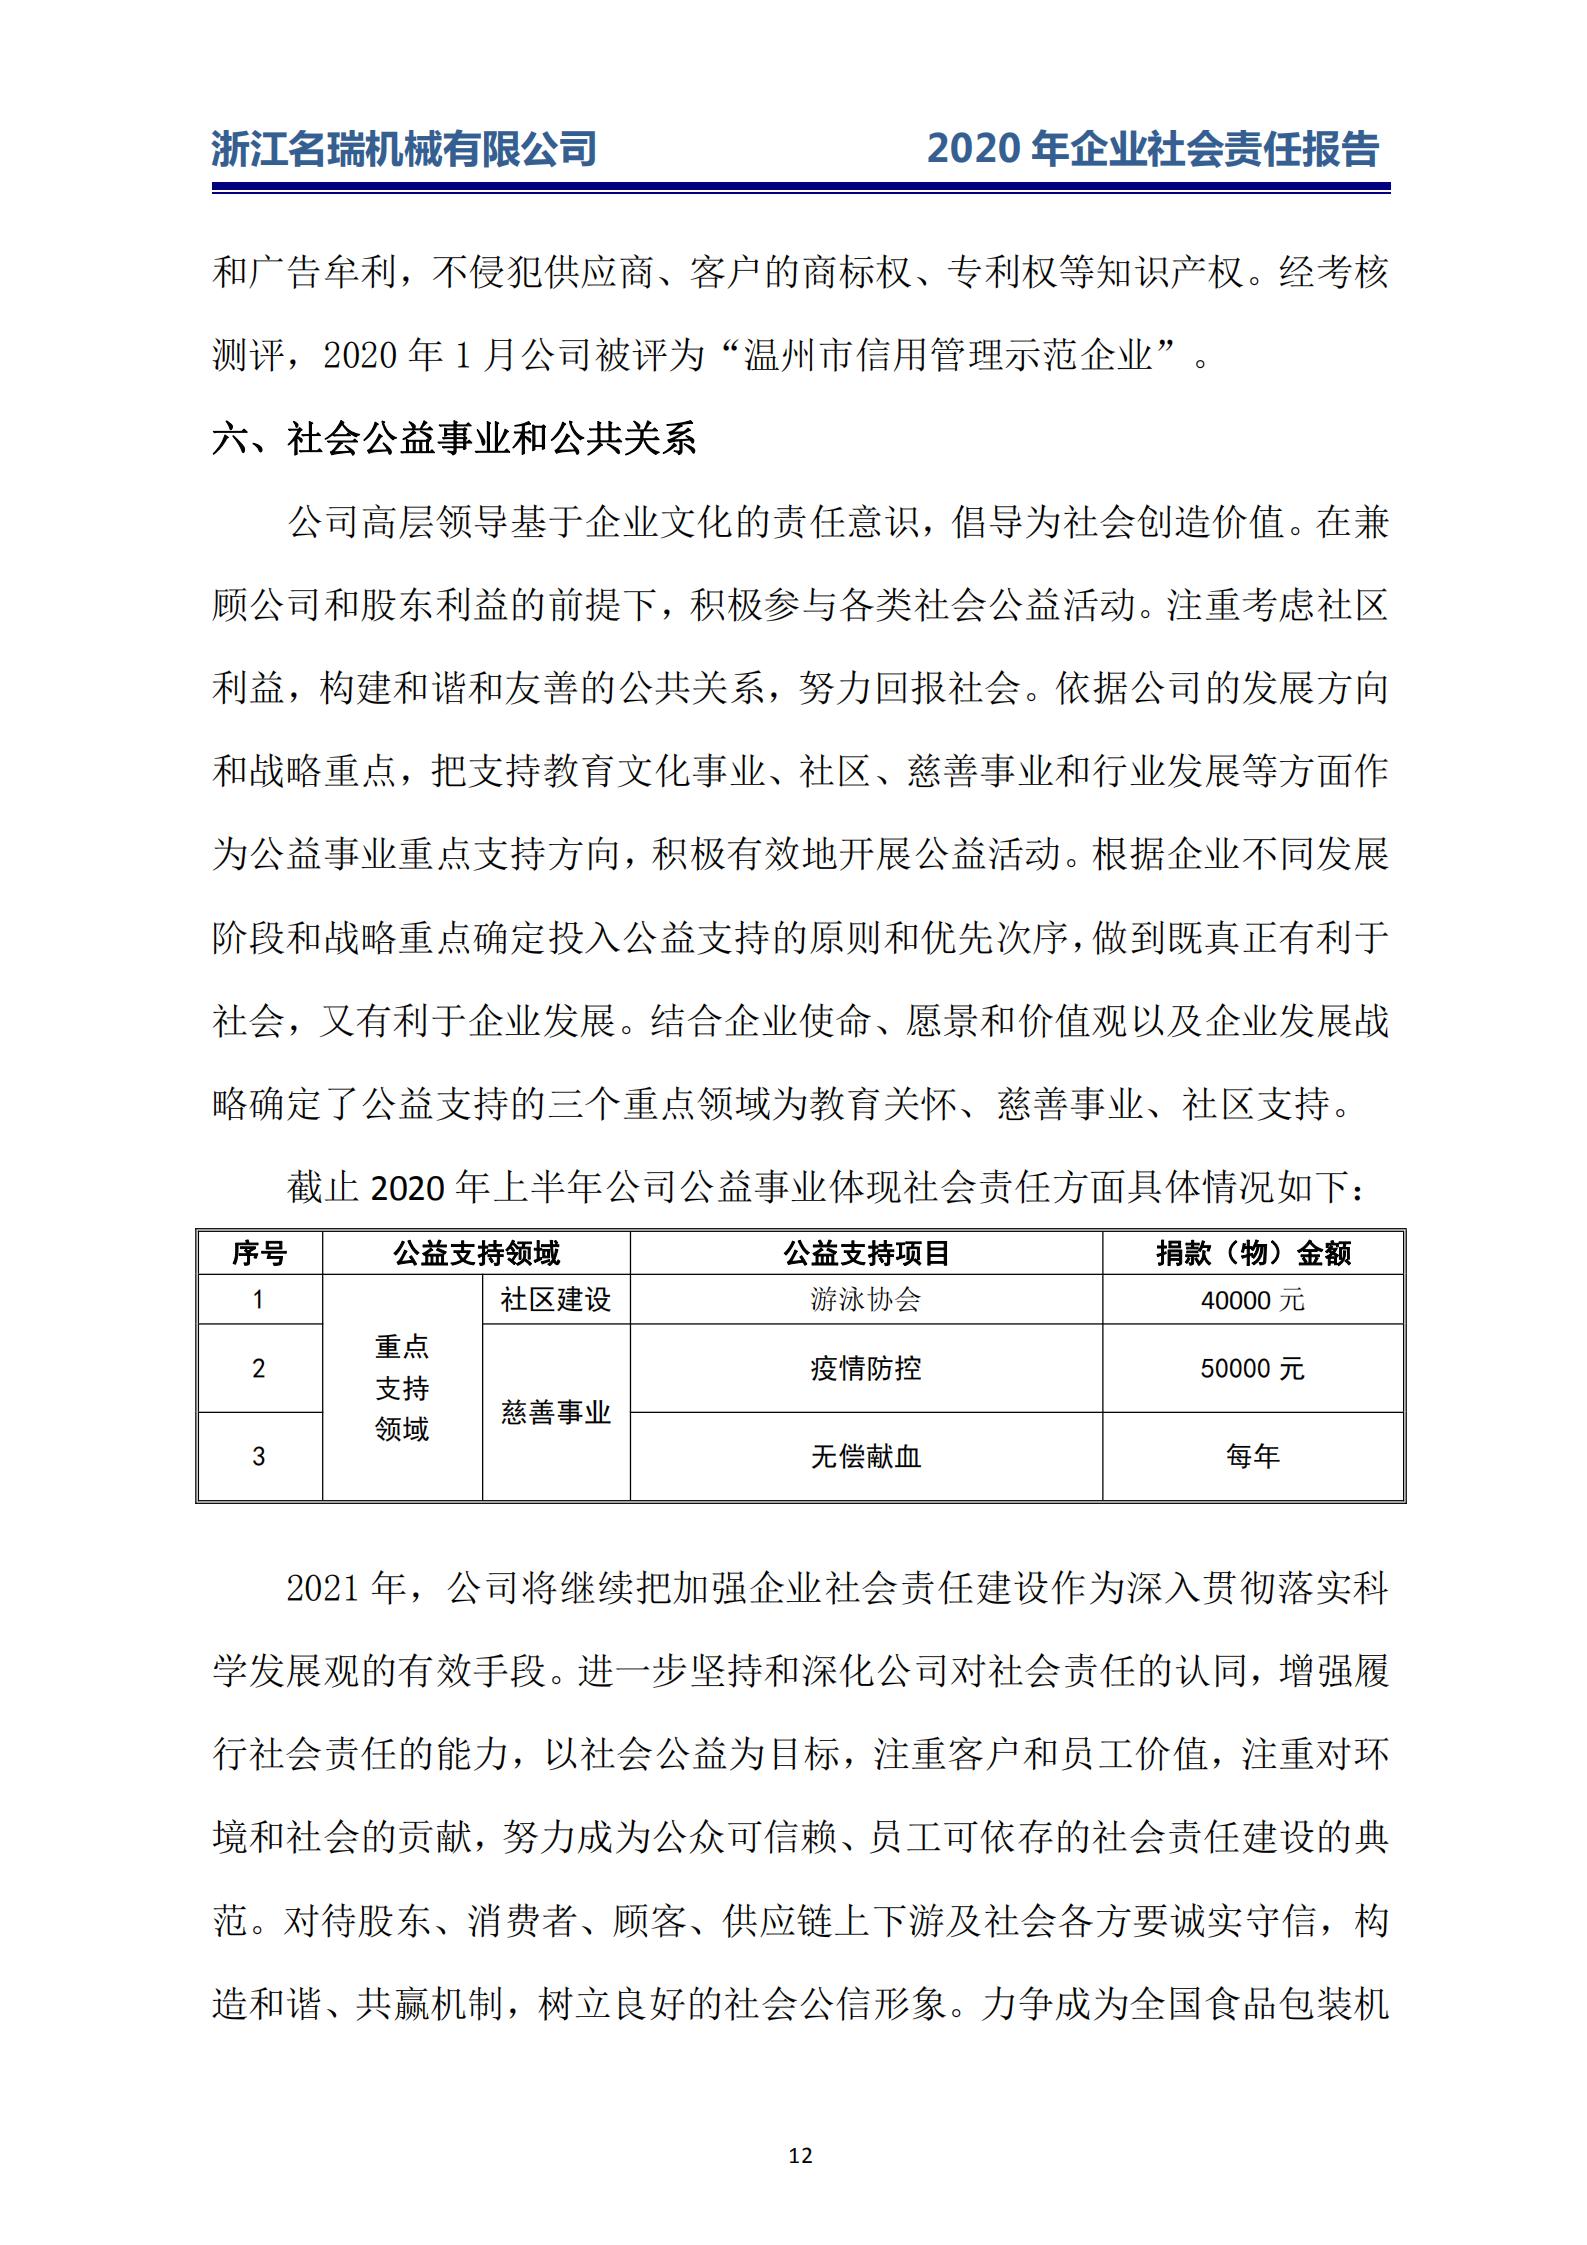 浙江名瑞-2020年企业社会责任报告